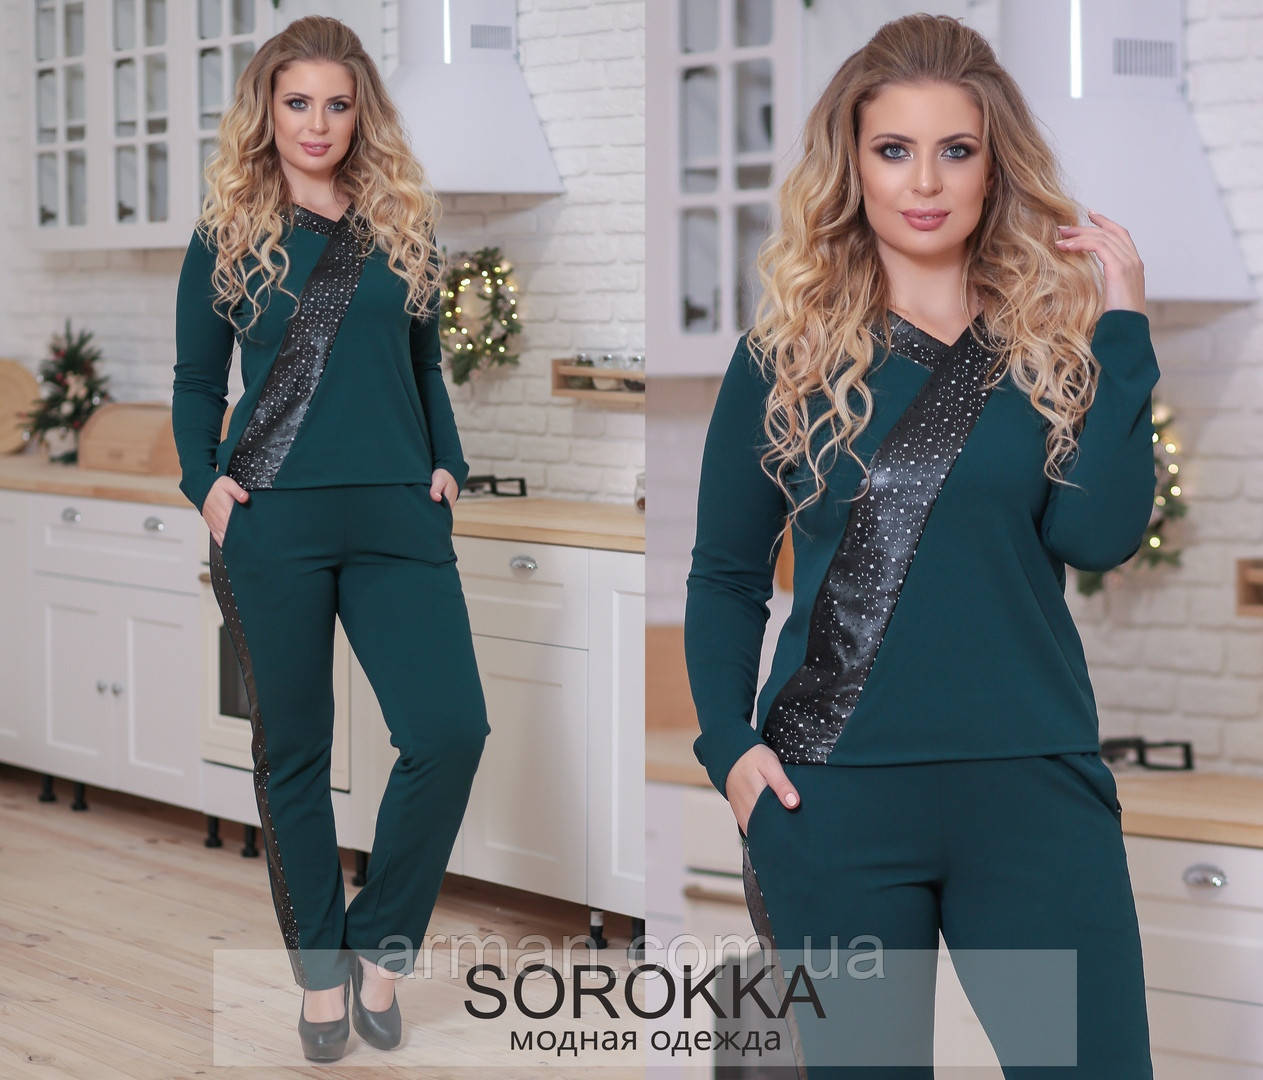 Прогулочный женский костюм от ТМ SOROKKA-Размер: 48-50, 52-54